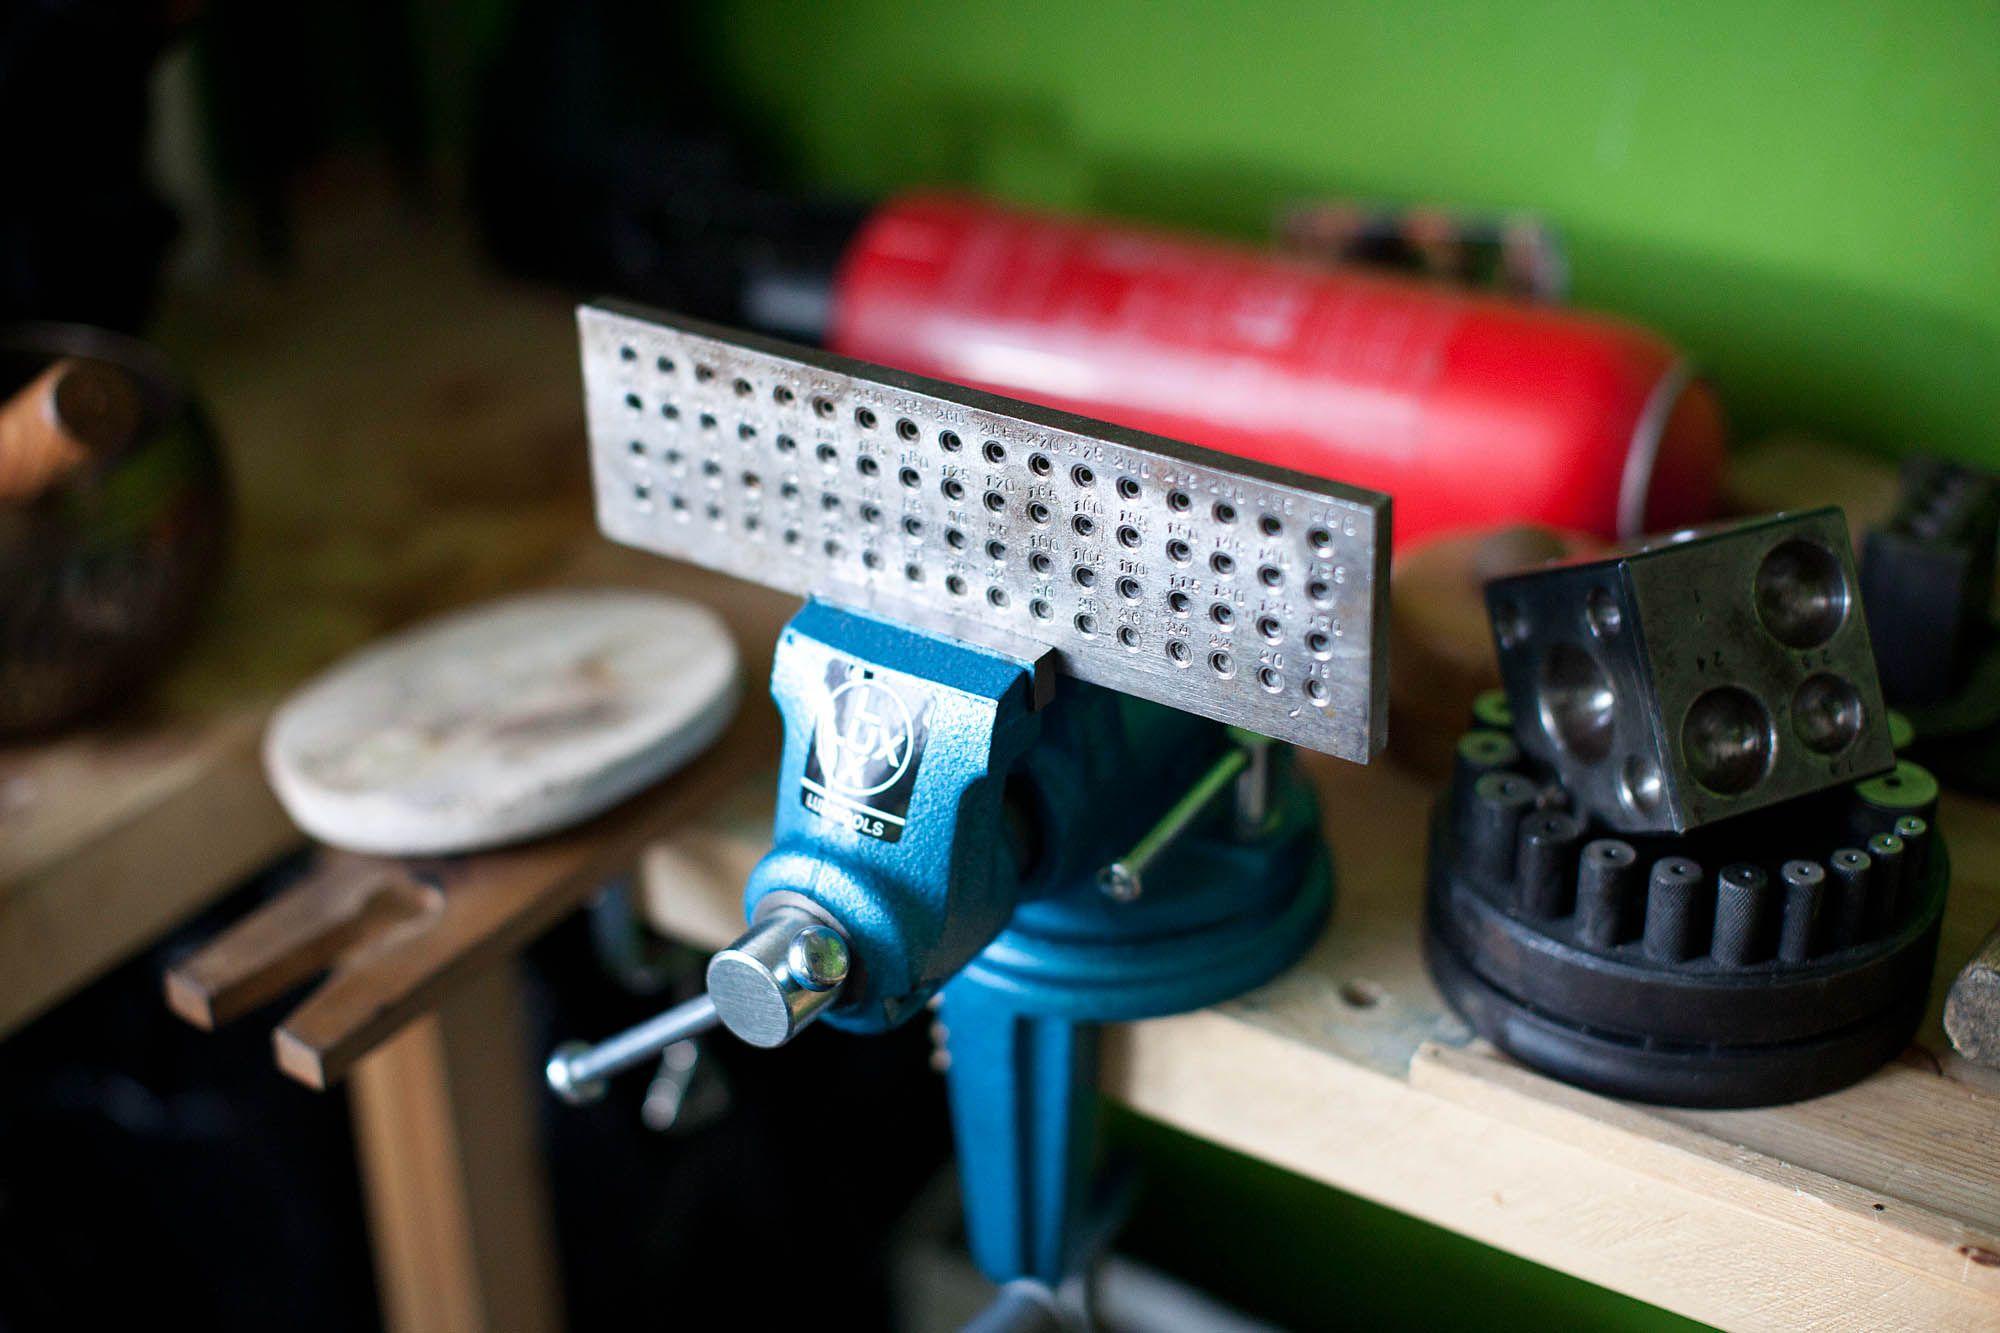 jewelry studio / tools